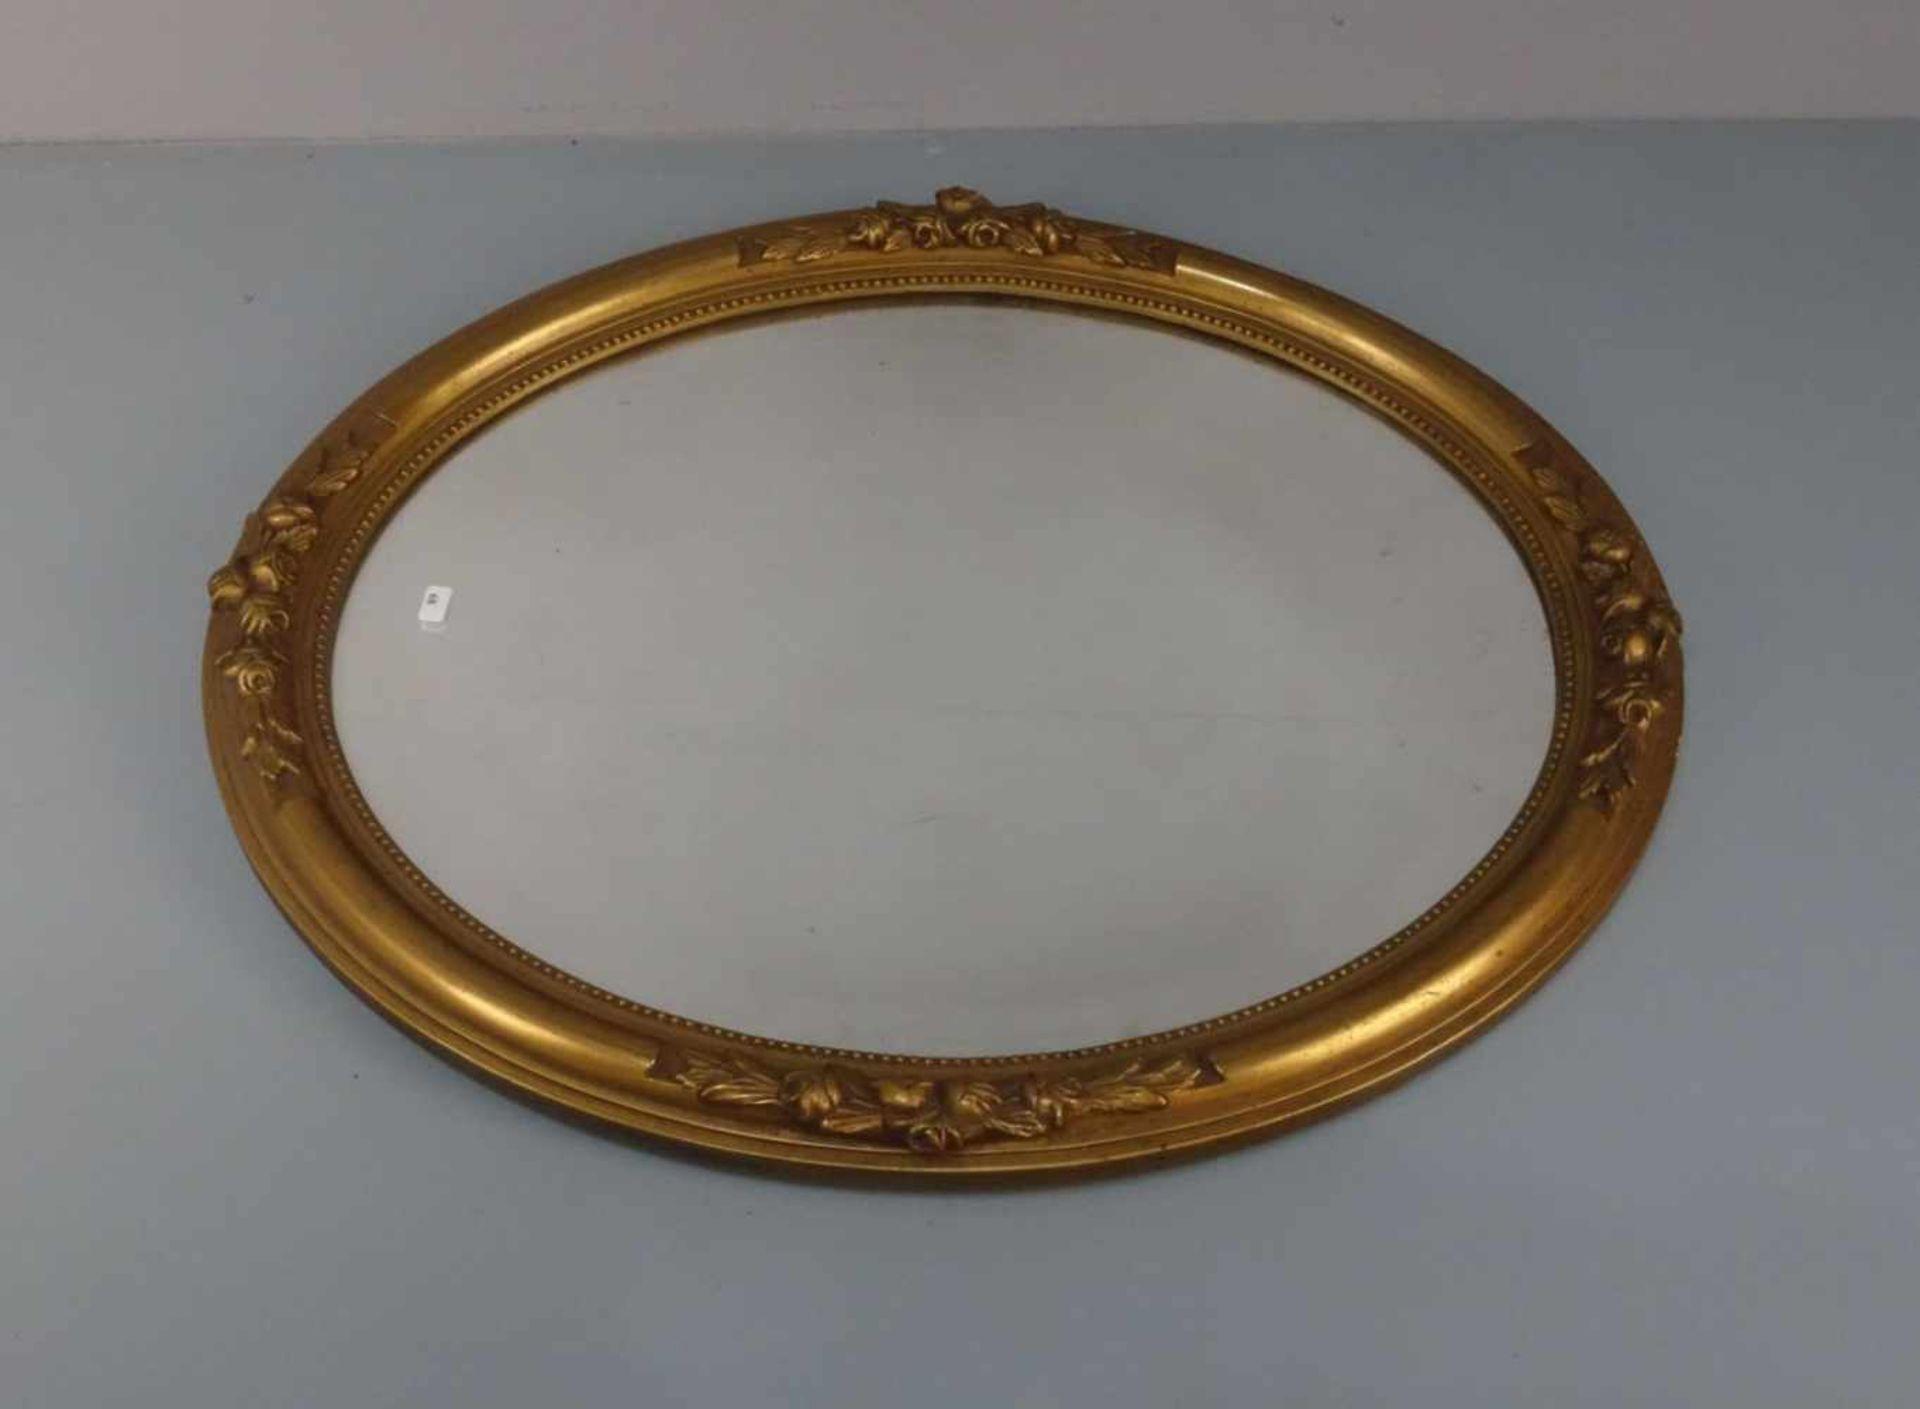 Los 89 - SPIEGEL / mirror, ovale Form mit Facettschliff, aufgewölbte, profilierte und goldfarben gefasste...